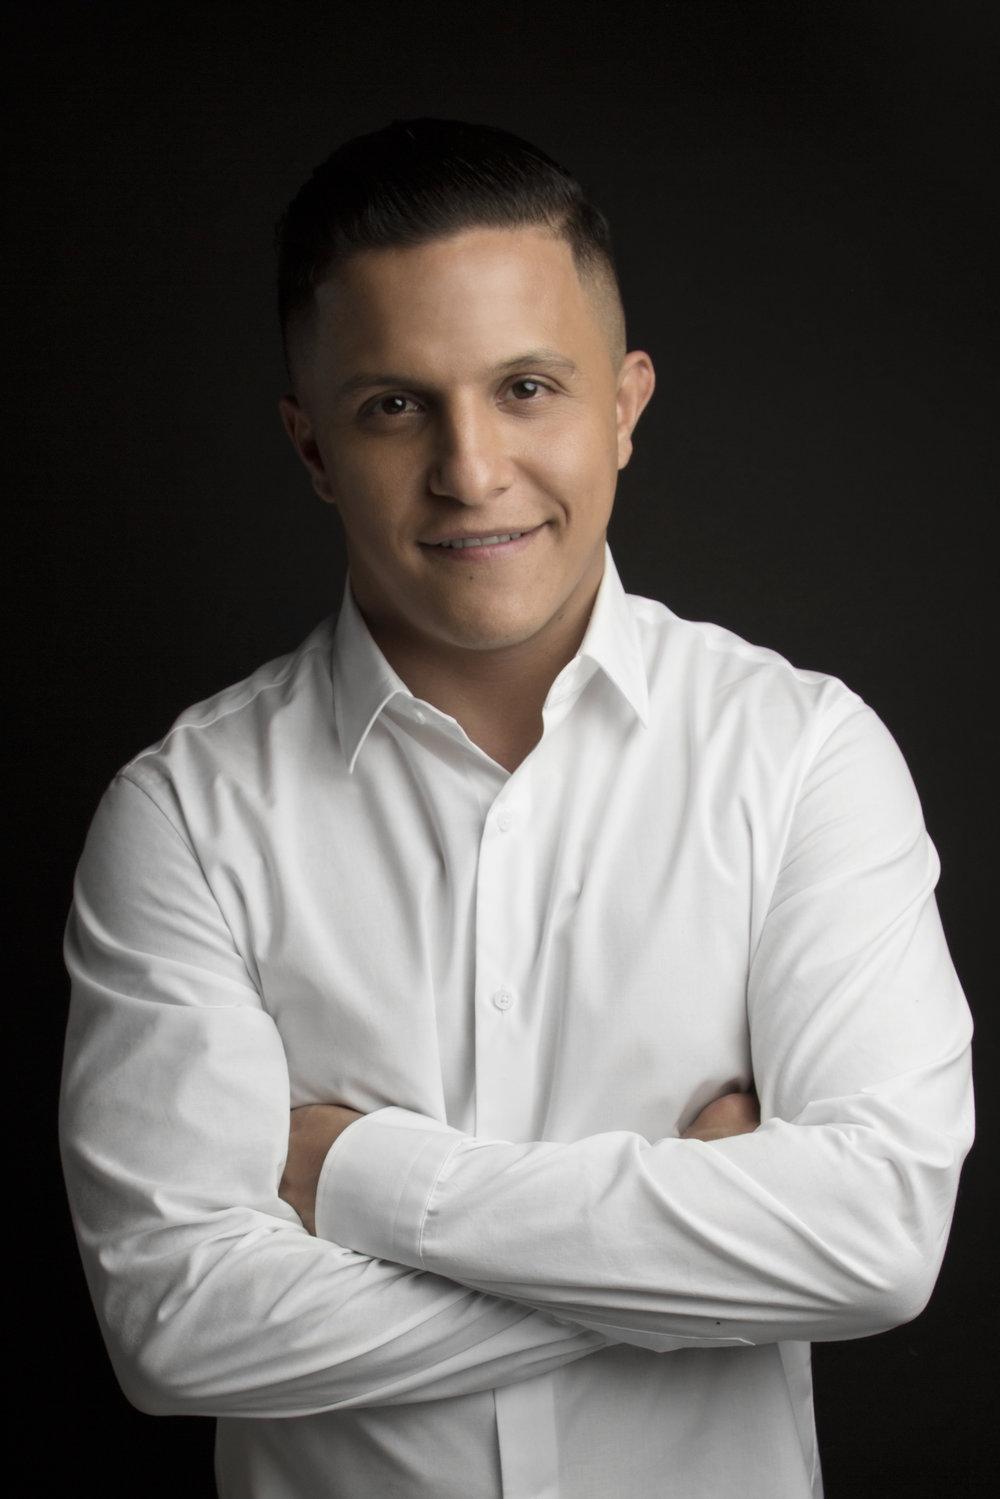 Camilo-Villota-Profile-Pic-2.jpg